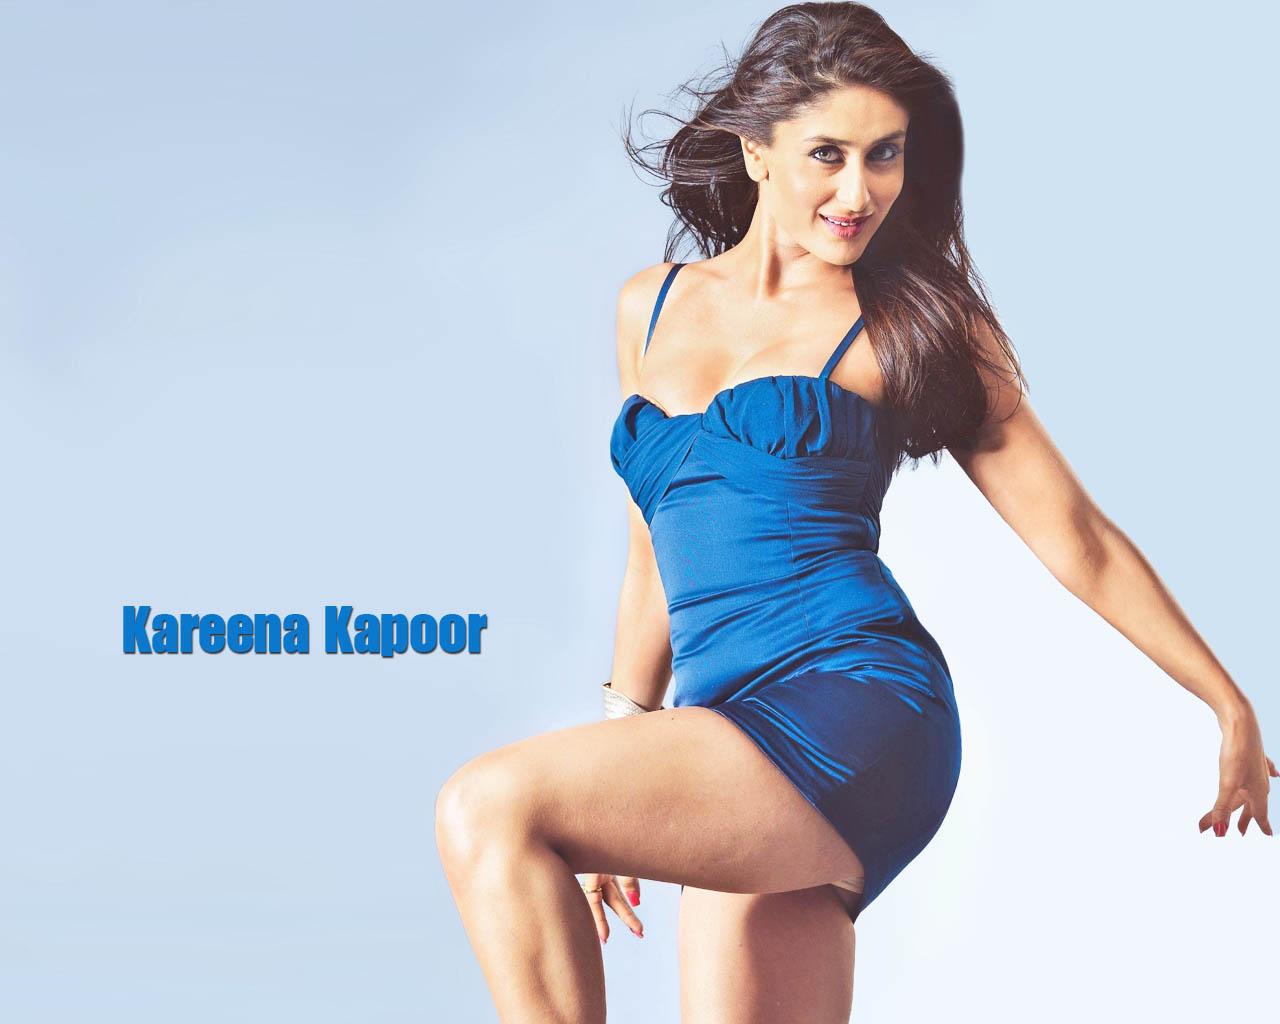 mest sexy video hd video av Kareena